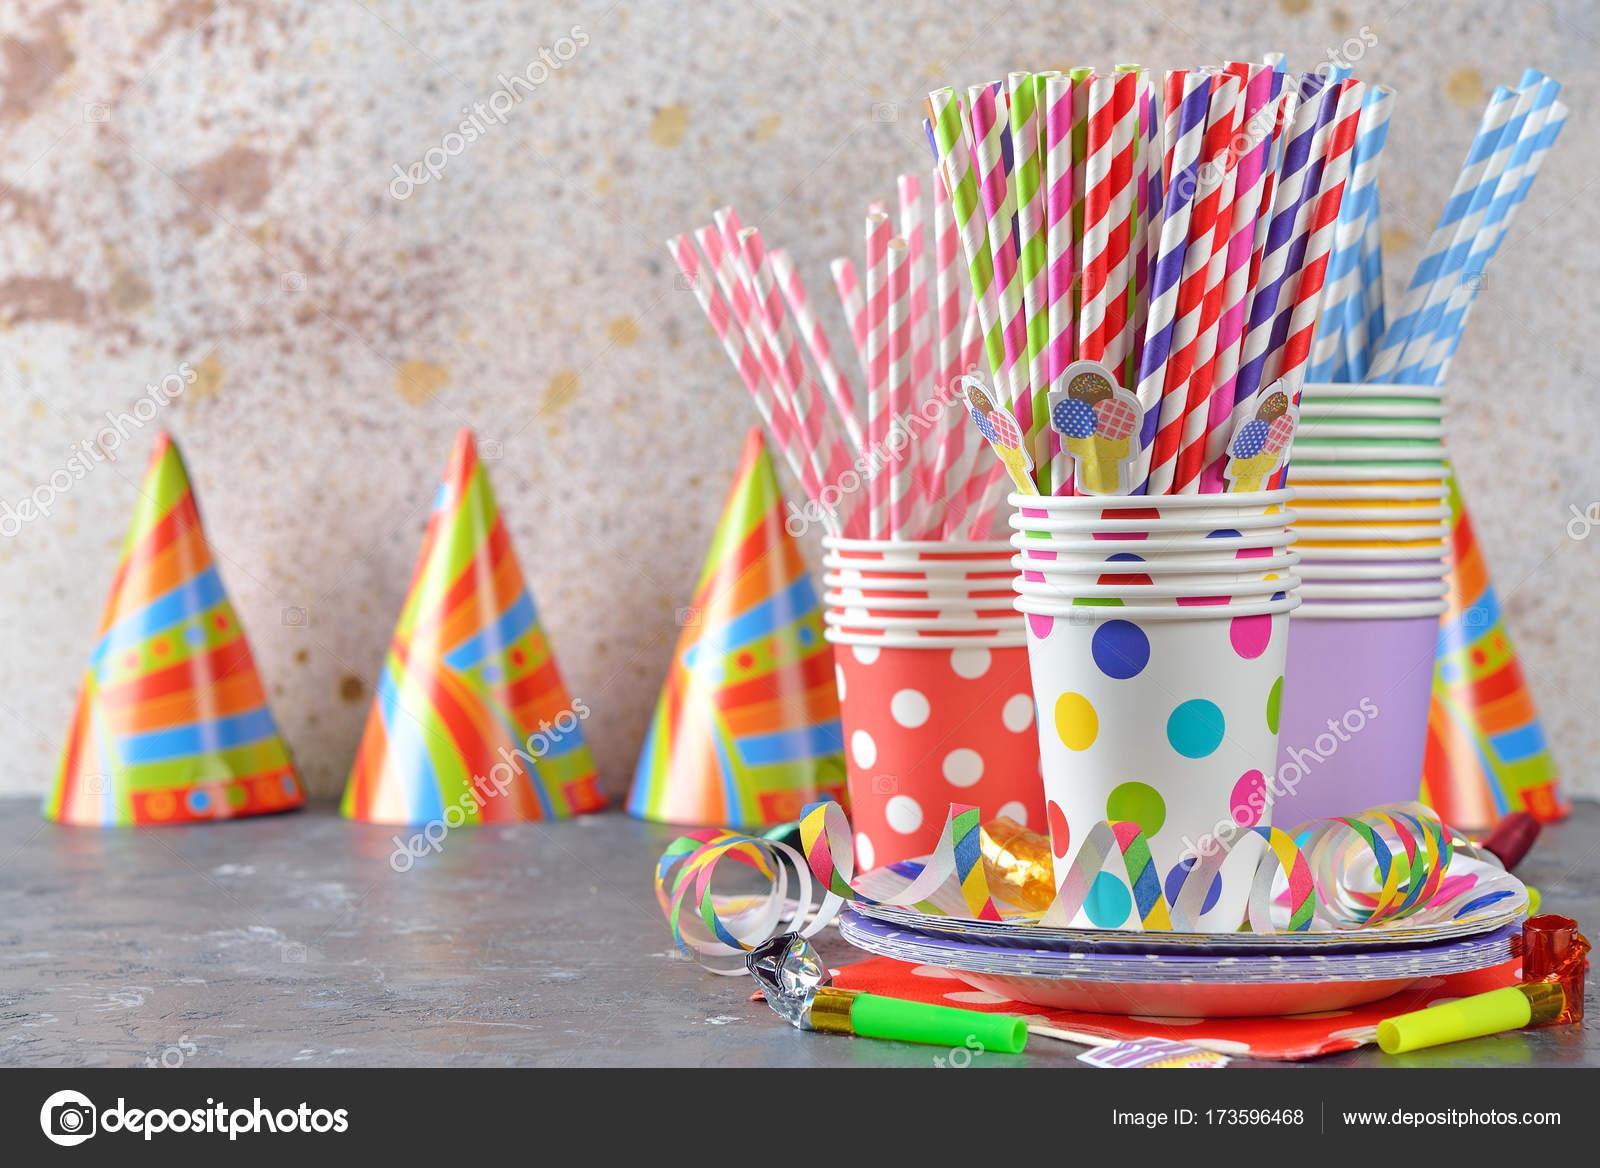 e807ee6c727a Accesorios coloridos para fiestas infantiles - accesorios fiestas  infantiles — Foto de ...